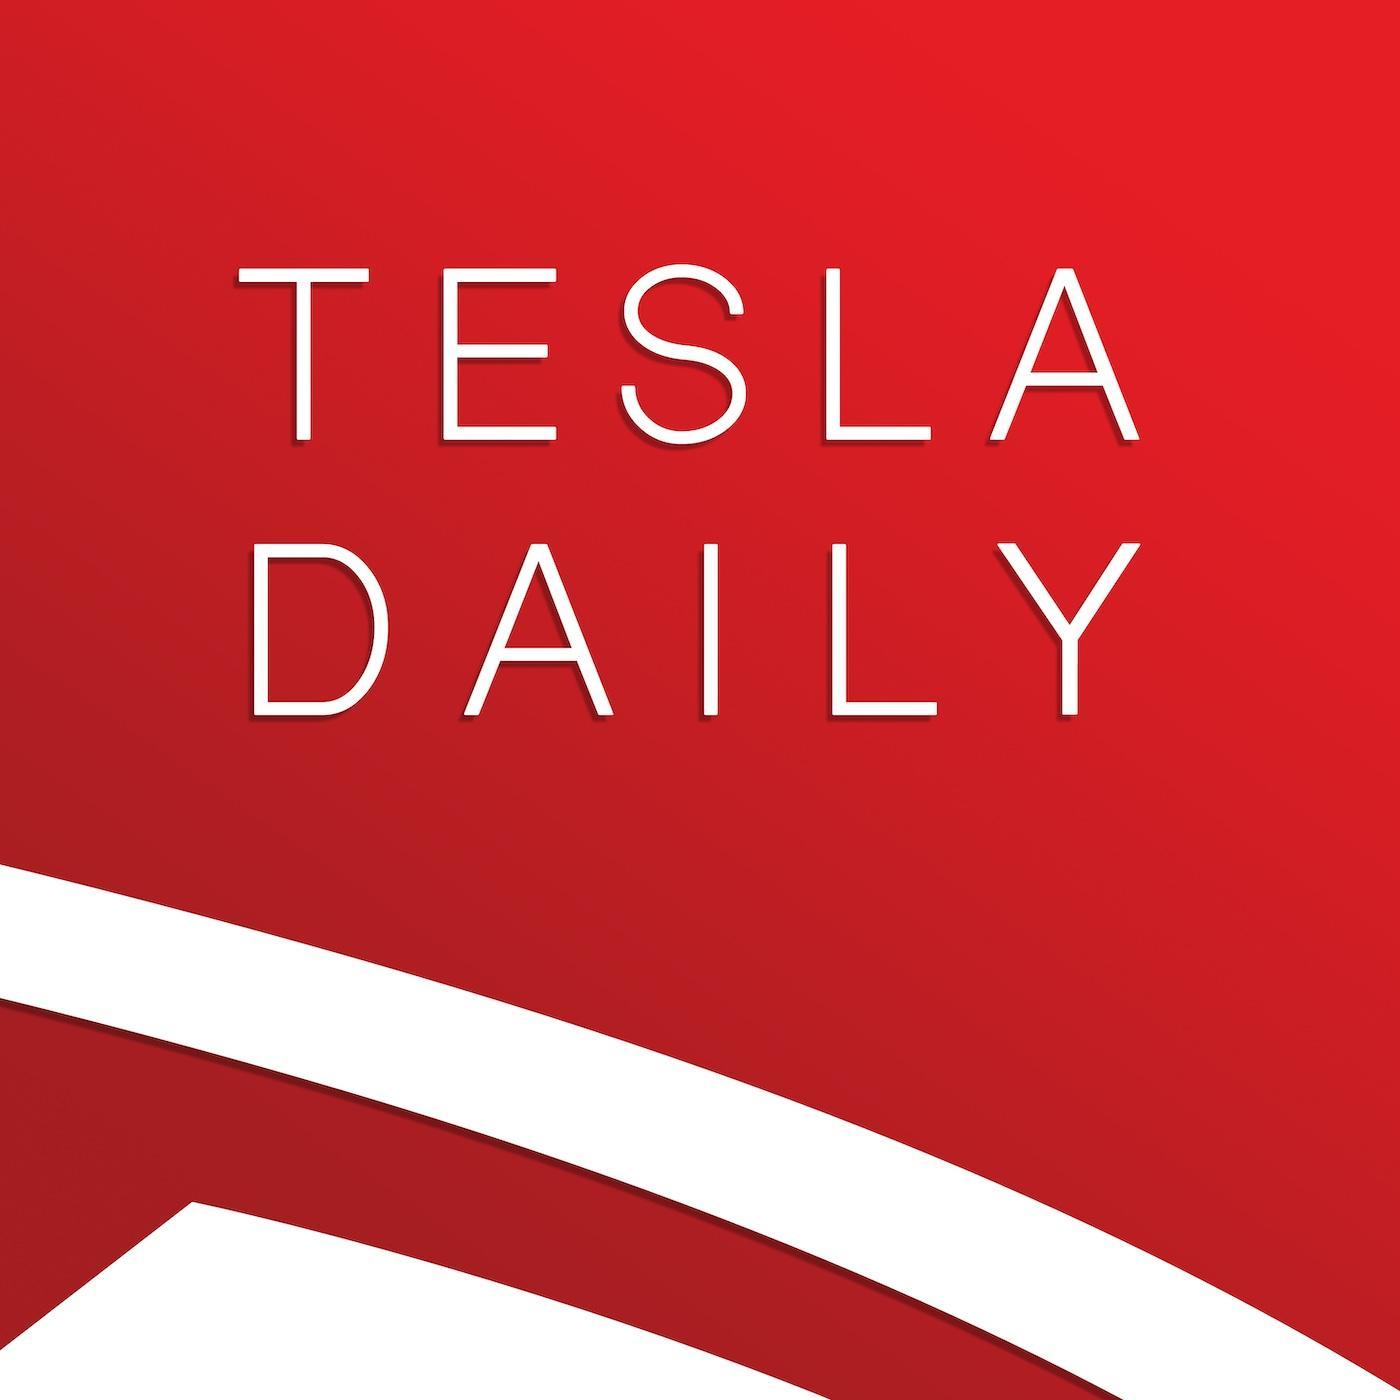 100 kWh Model 3, Tesla Energy UK, Spanish Auto Stimulus (06.15.20)